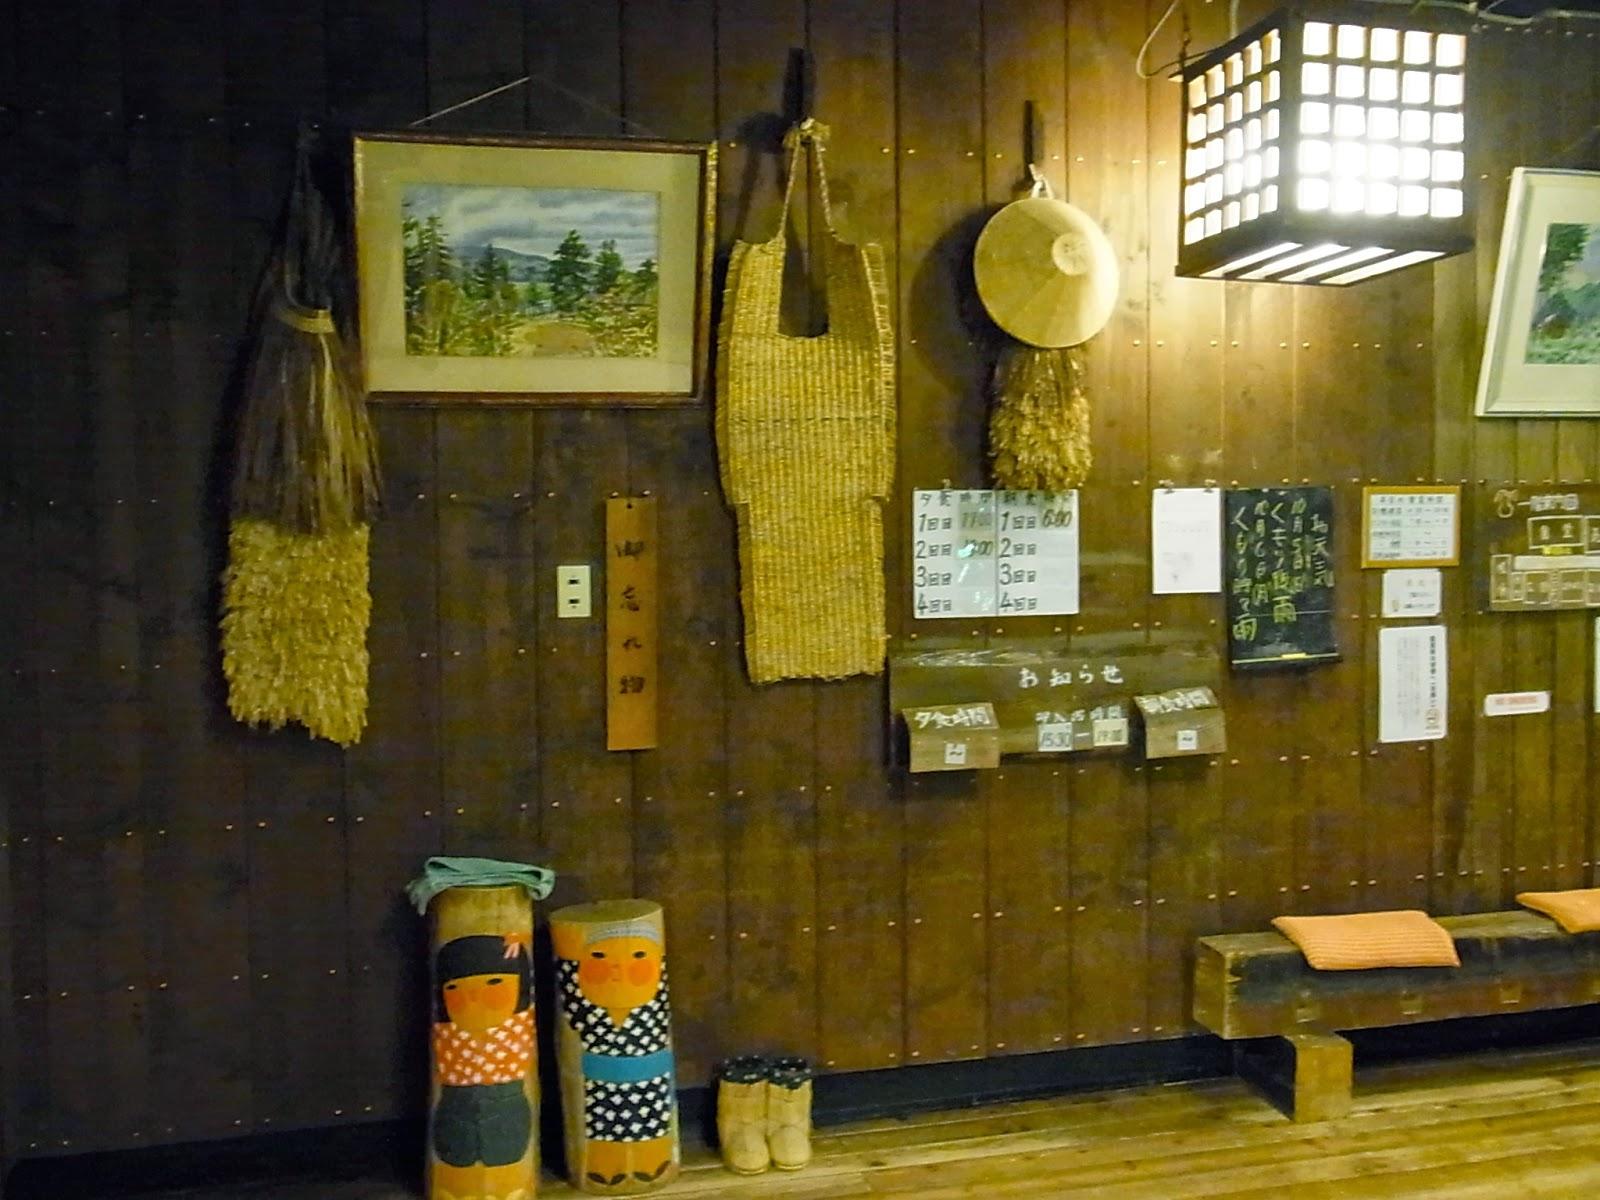 長蔵小屋の玄関先